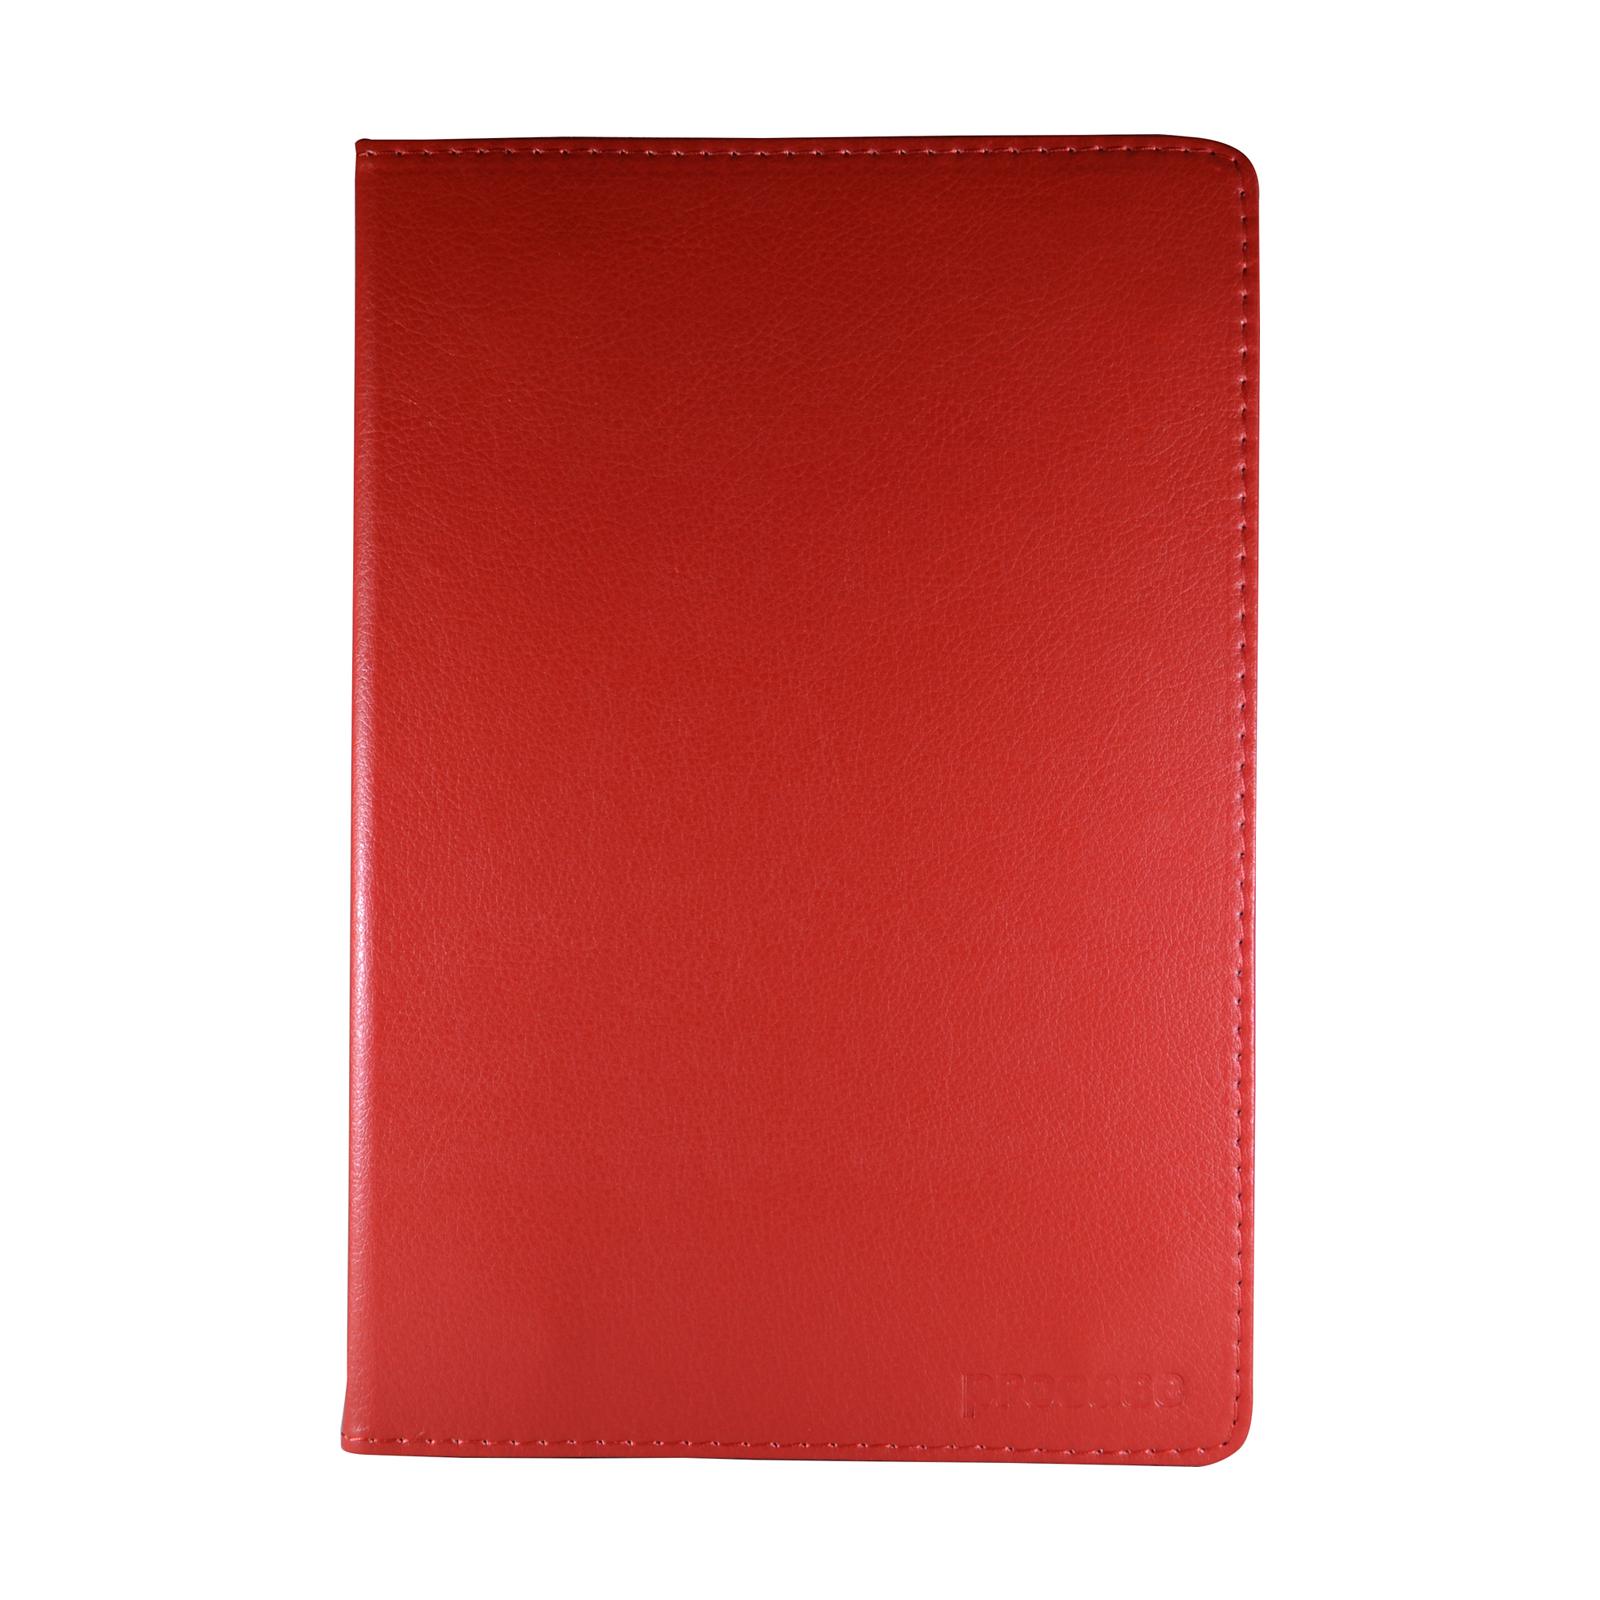 """Чехол для планшета Pro-case 10"""" универсальный case fits up red (UNS-022 r)"""